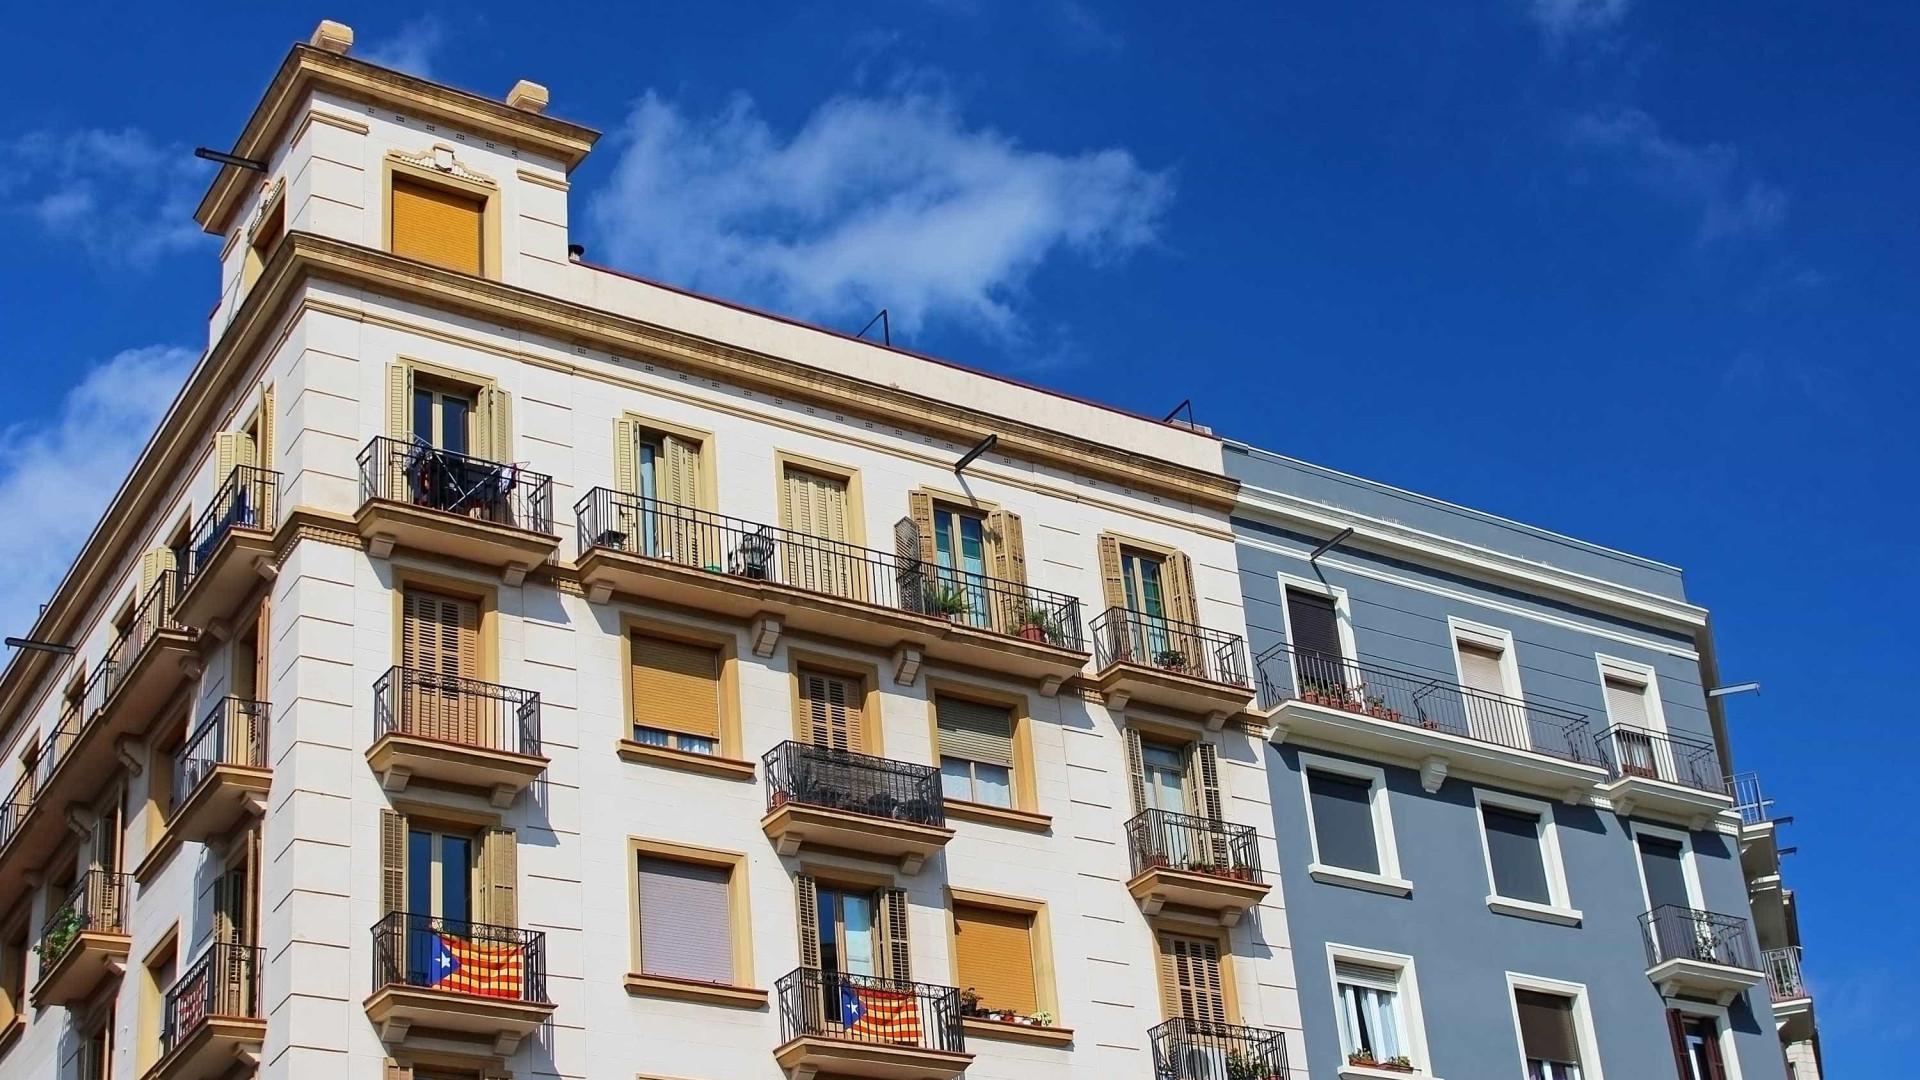 Preços das casas voltam a subir. Lisboa lidera ranking